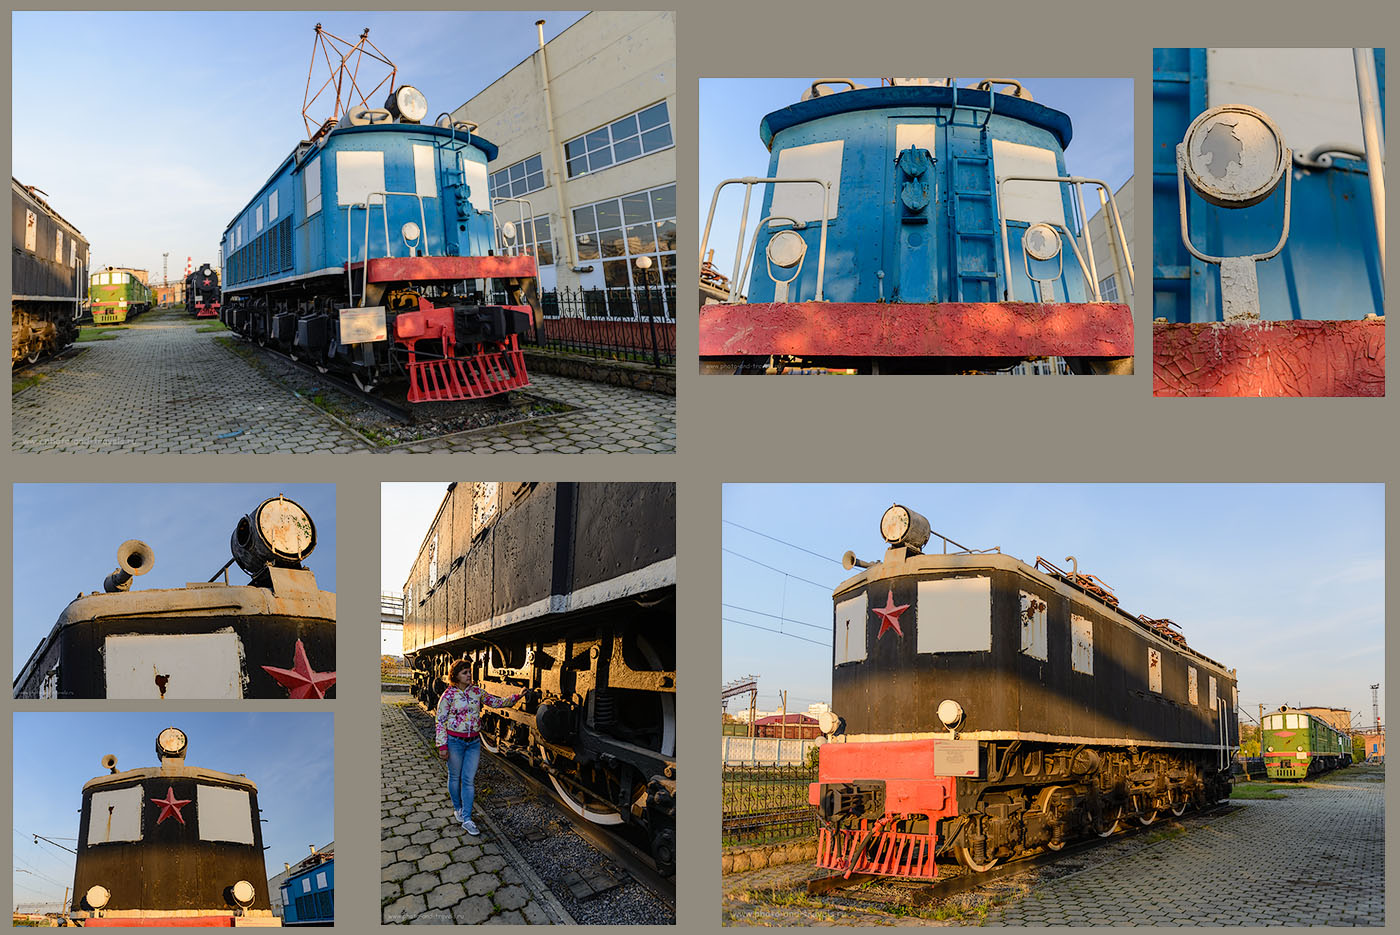 12. Электровоз ПБ-21 и ВЛ-19 в музее поездов в Екатеринбурге.